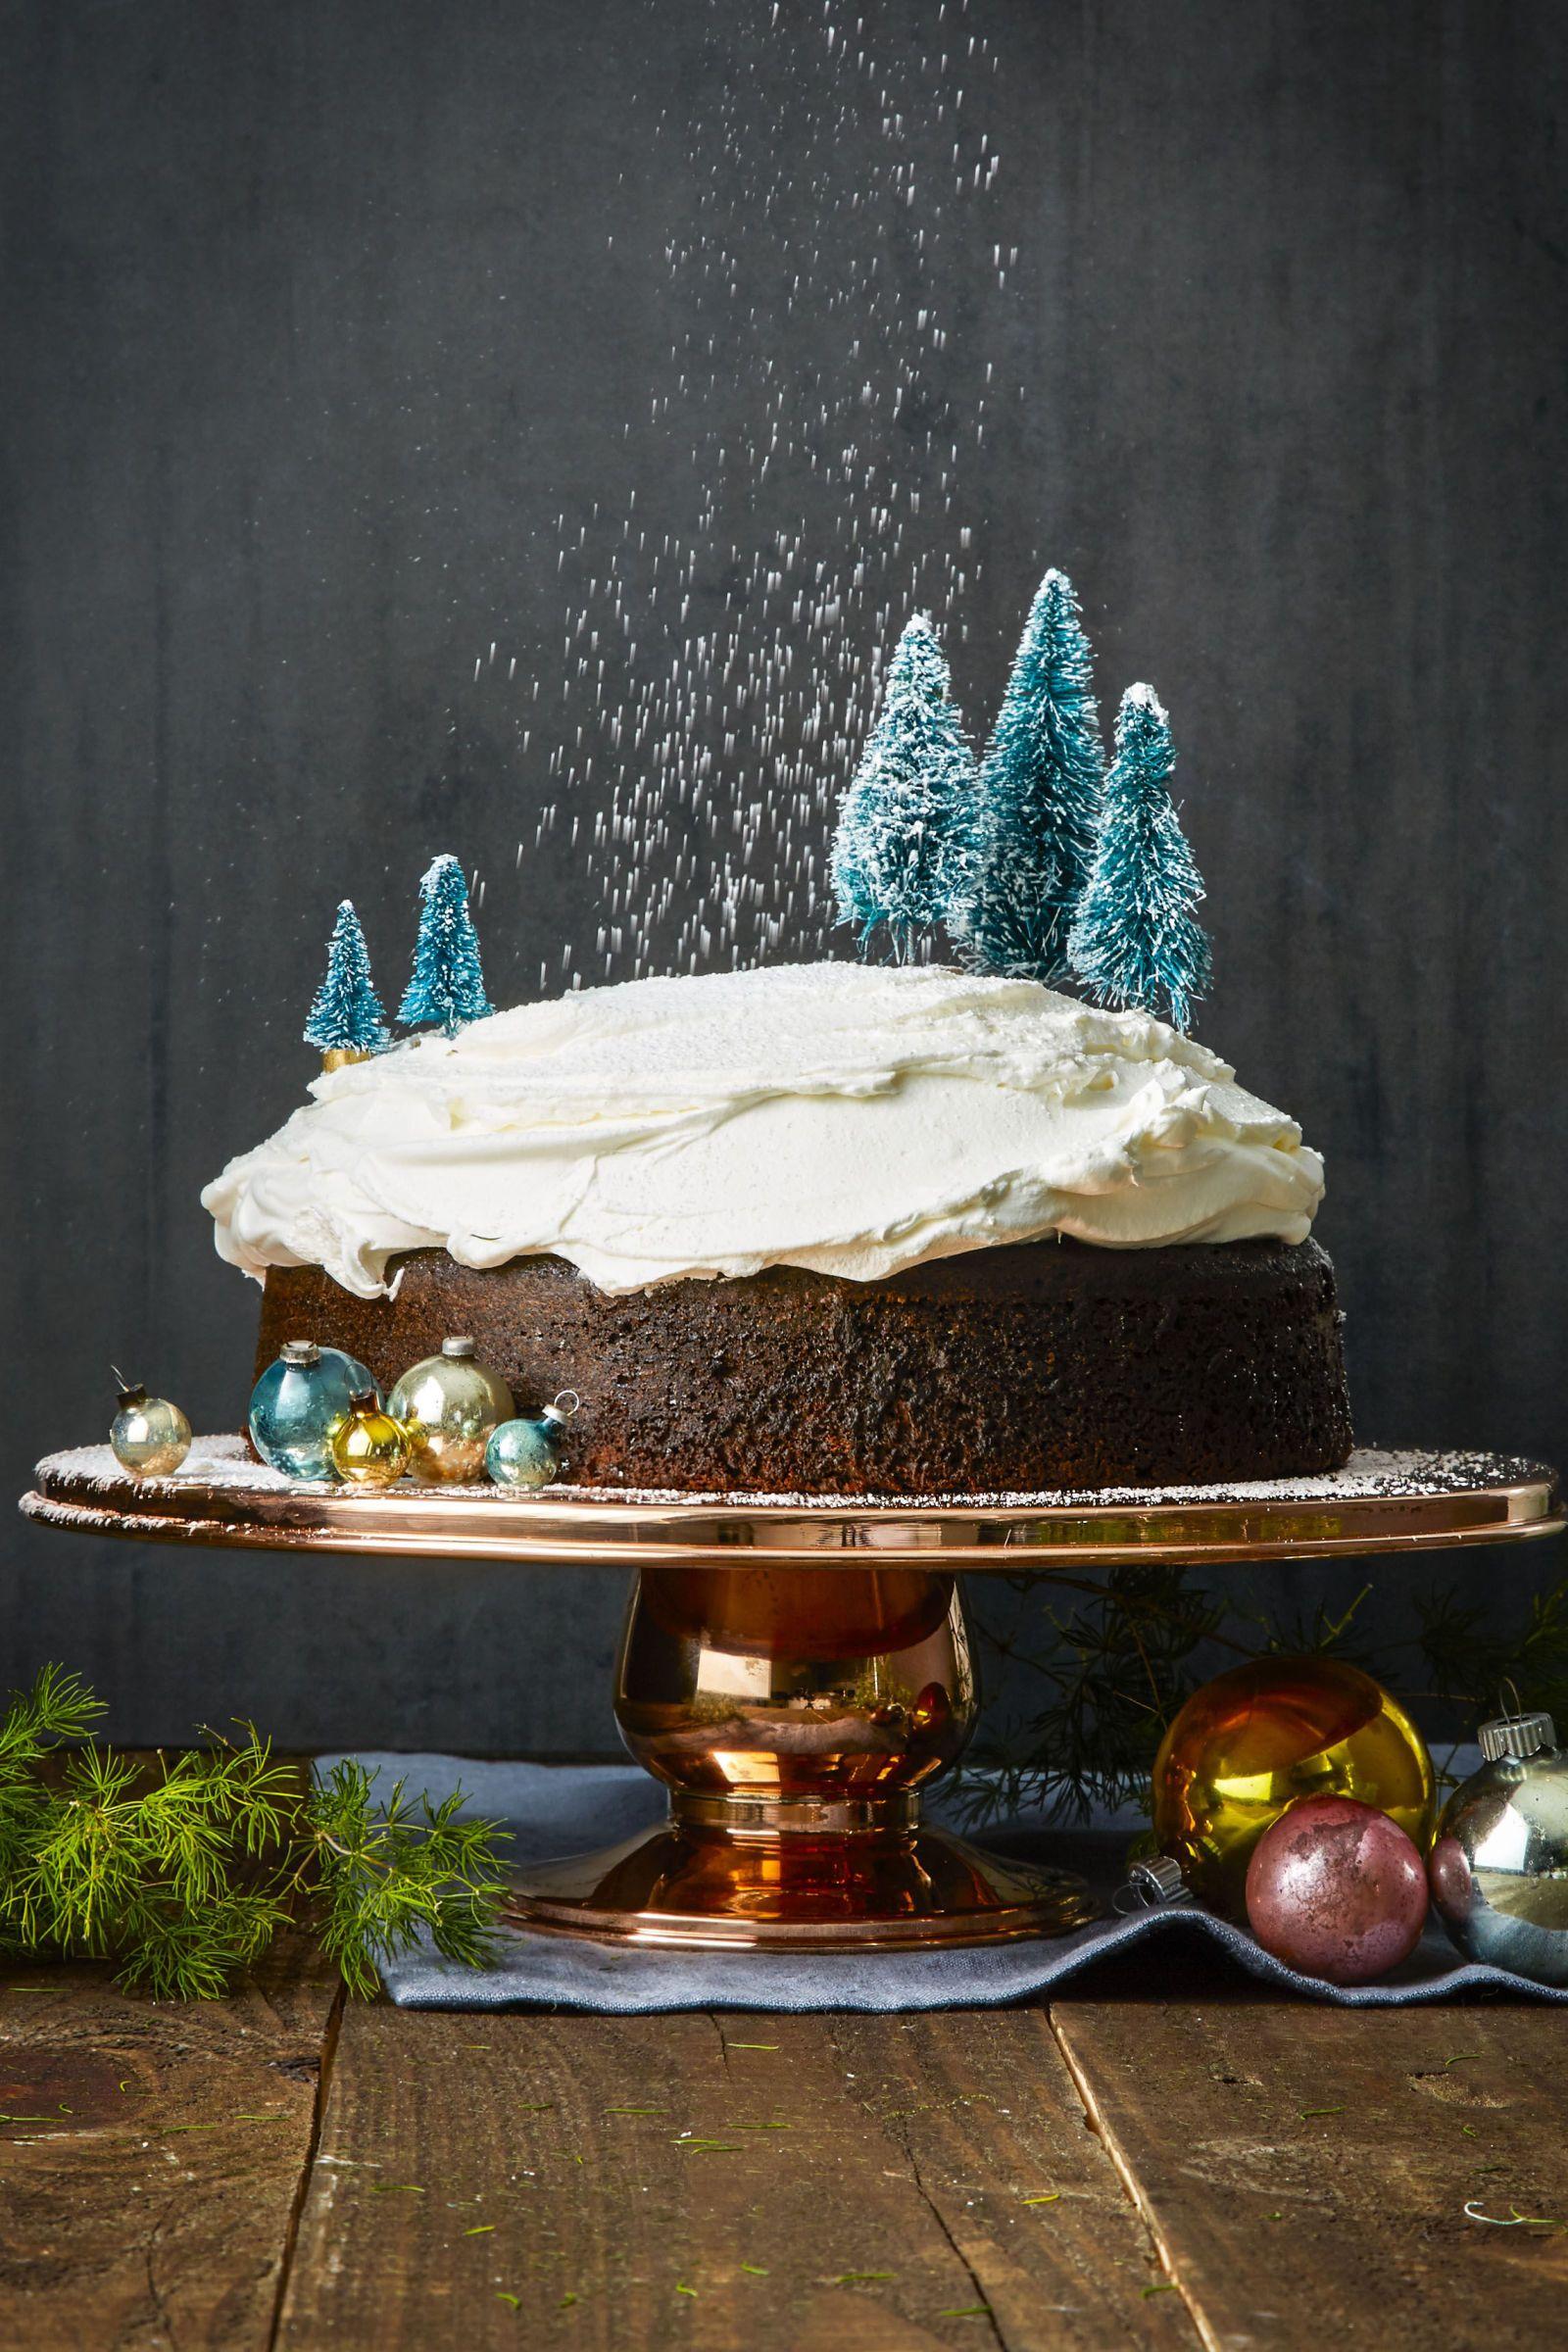 tree-mendous gingerbread cake